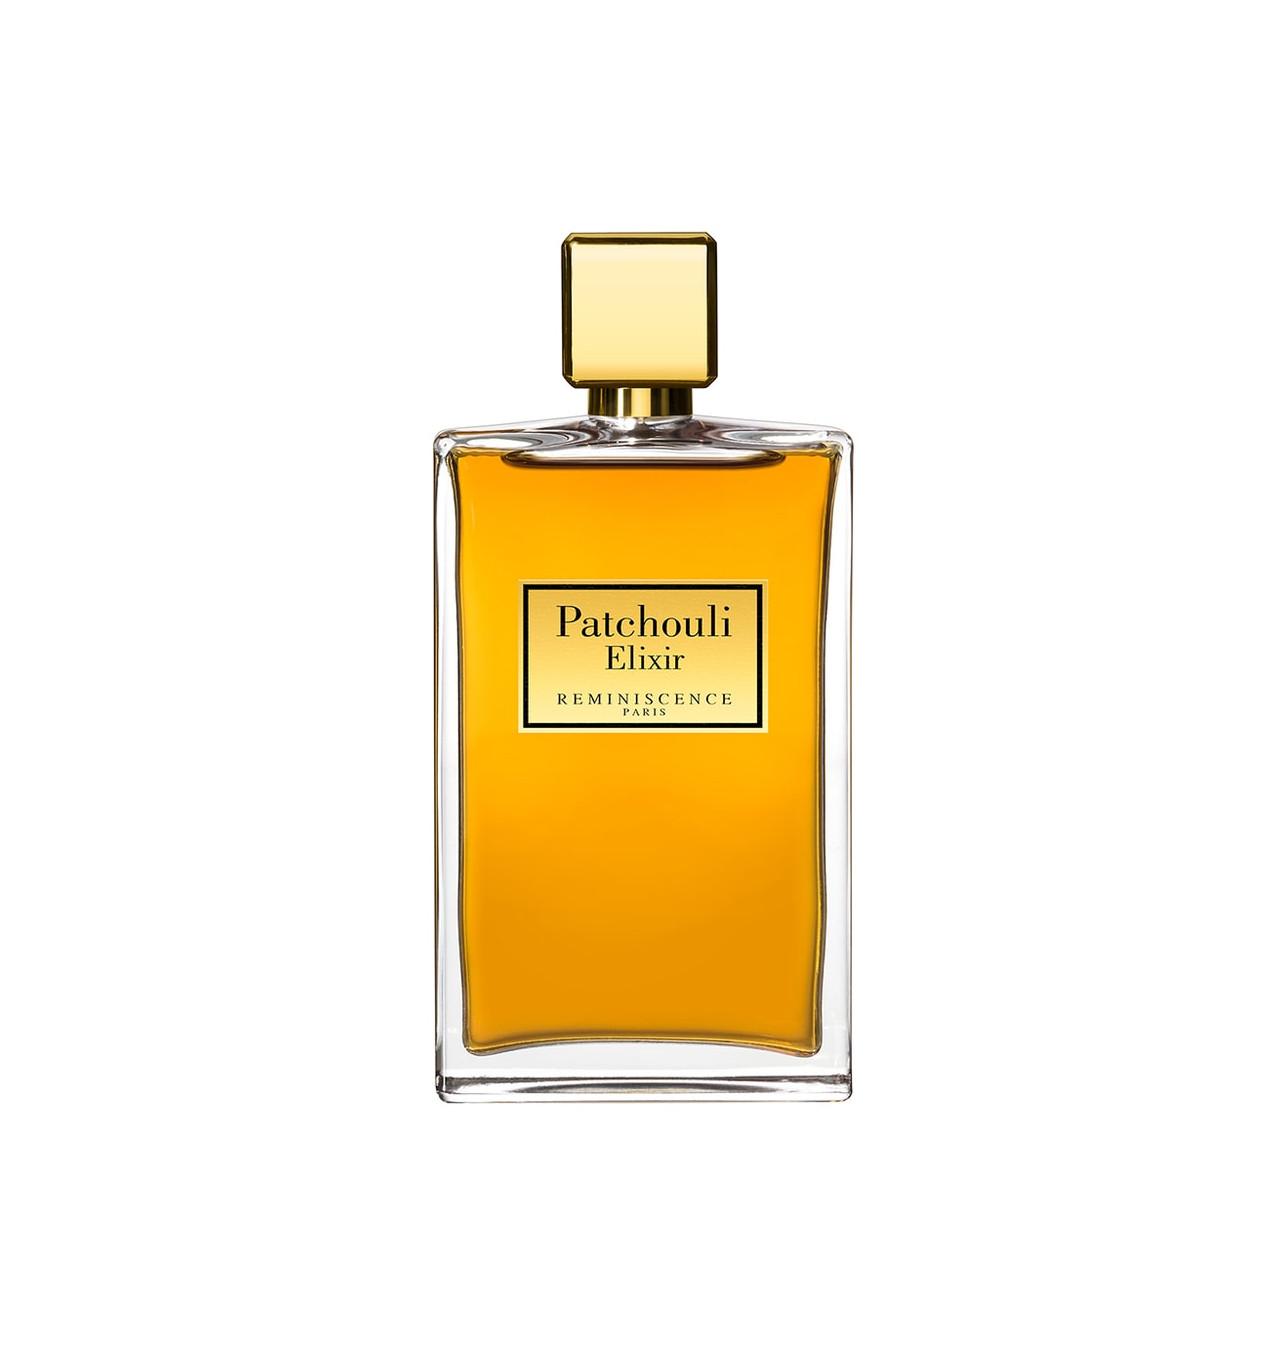 eau de parfum-élixir-vaporisateur-100ml-bijoux totem